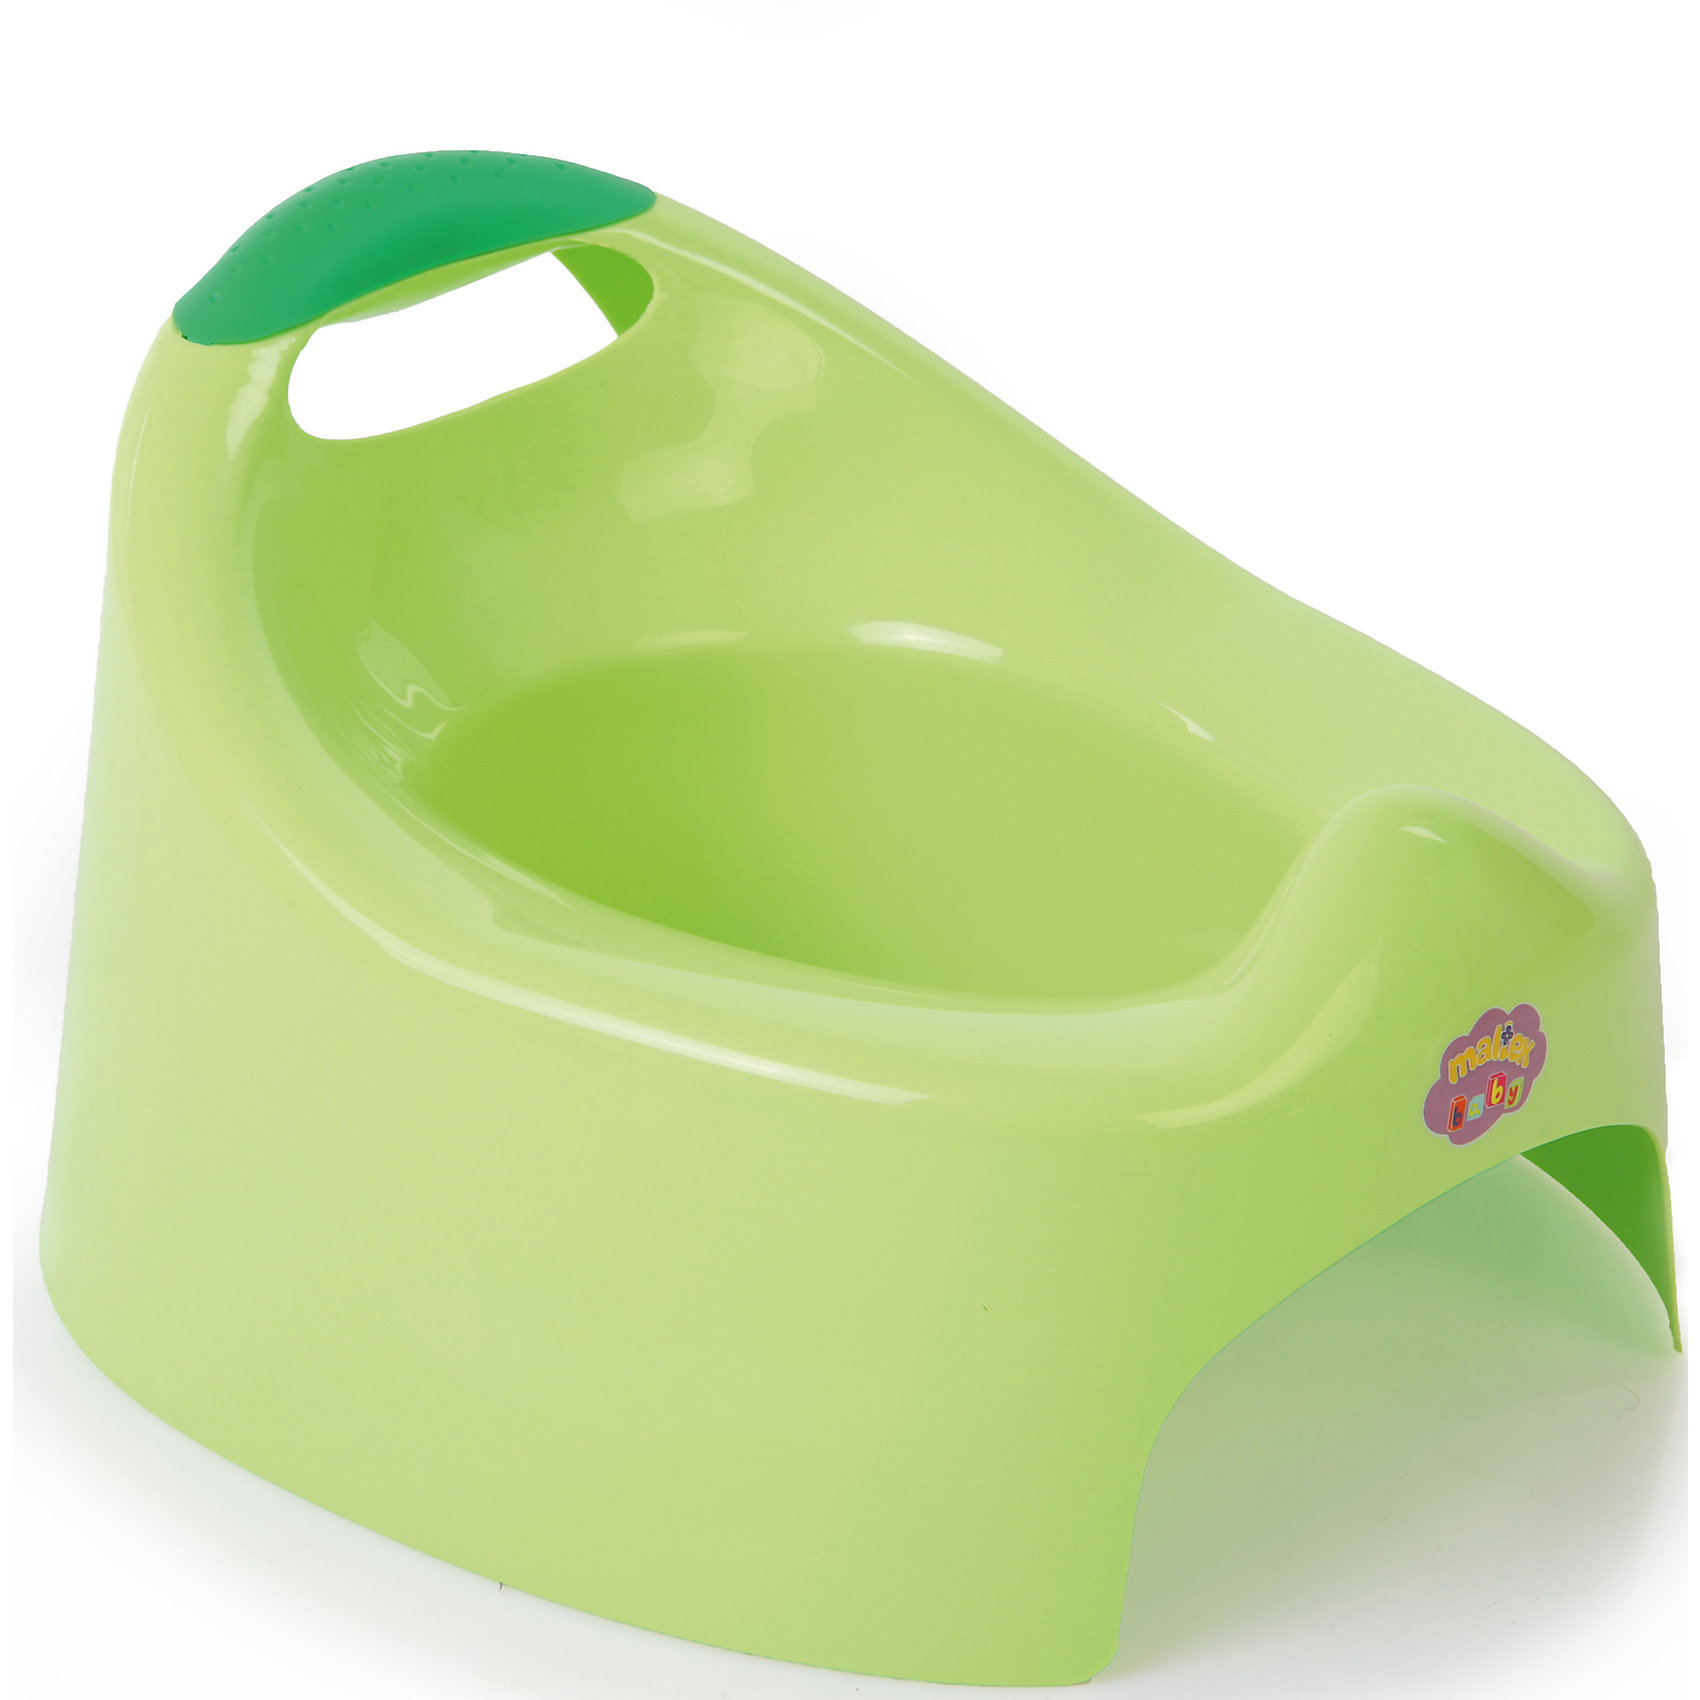 Горшок Жабка, Maltex, зелёный